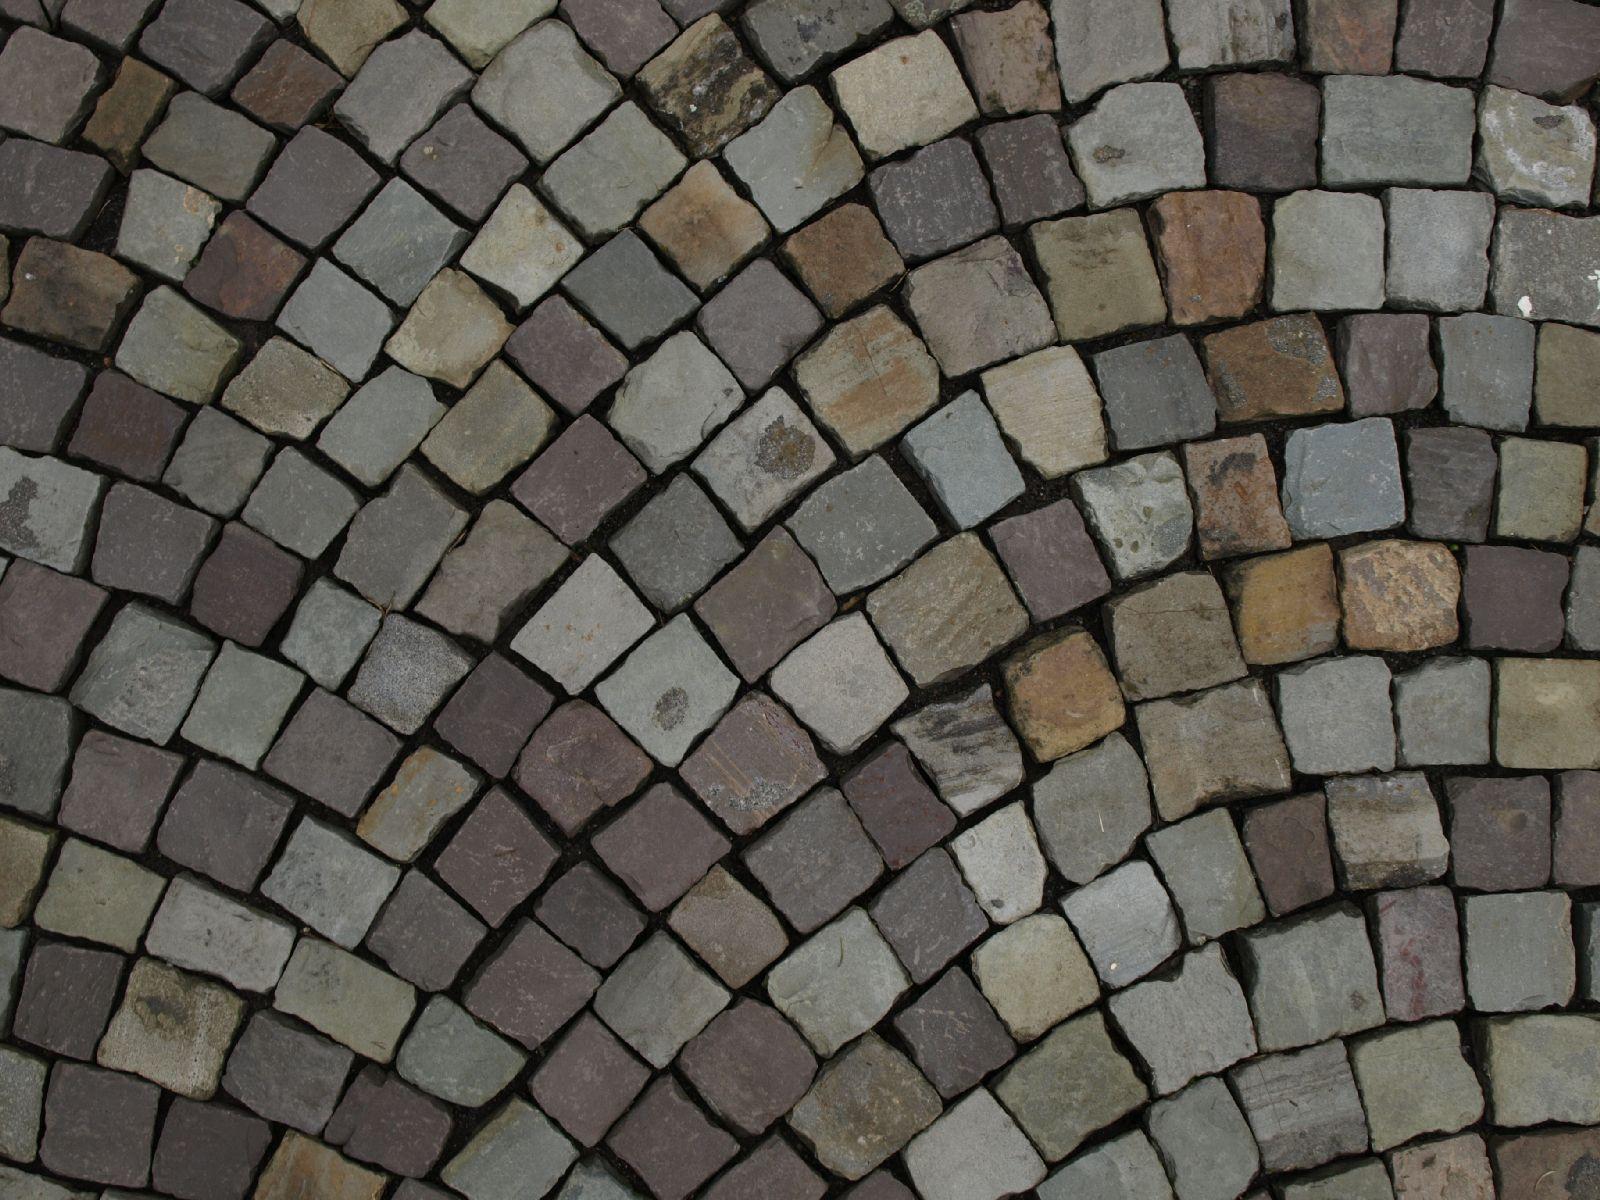 Ground-Urban_Texture_A_P6083341